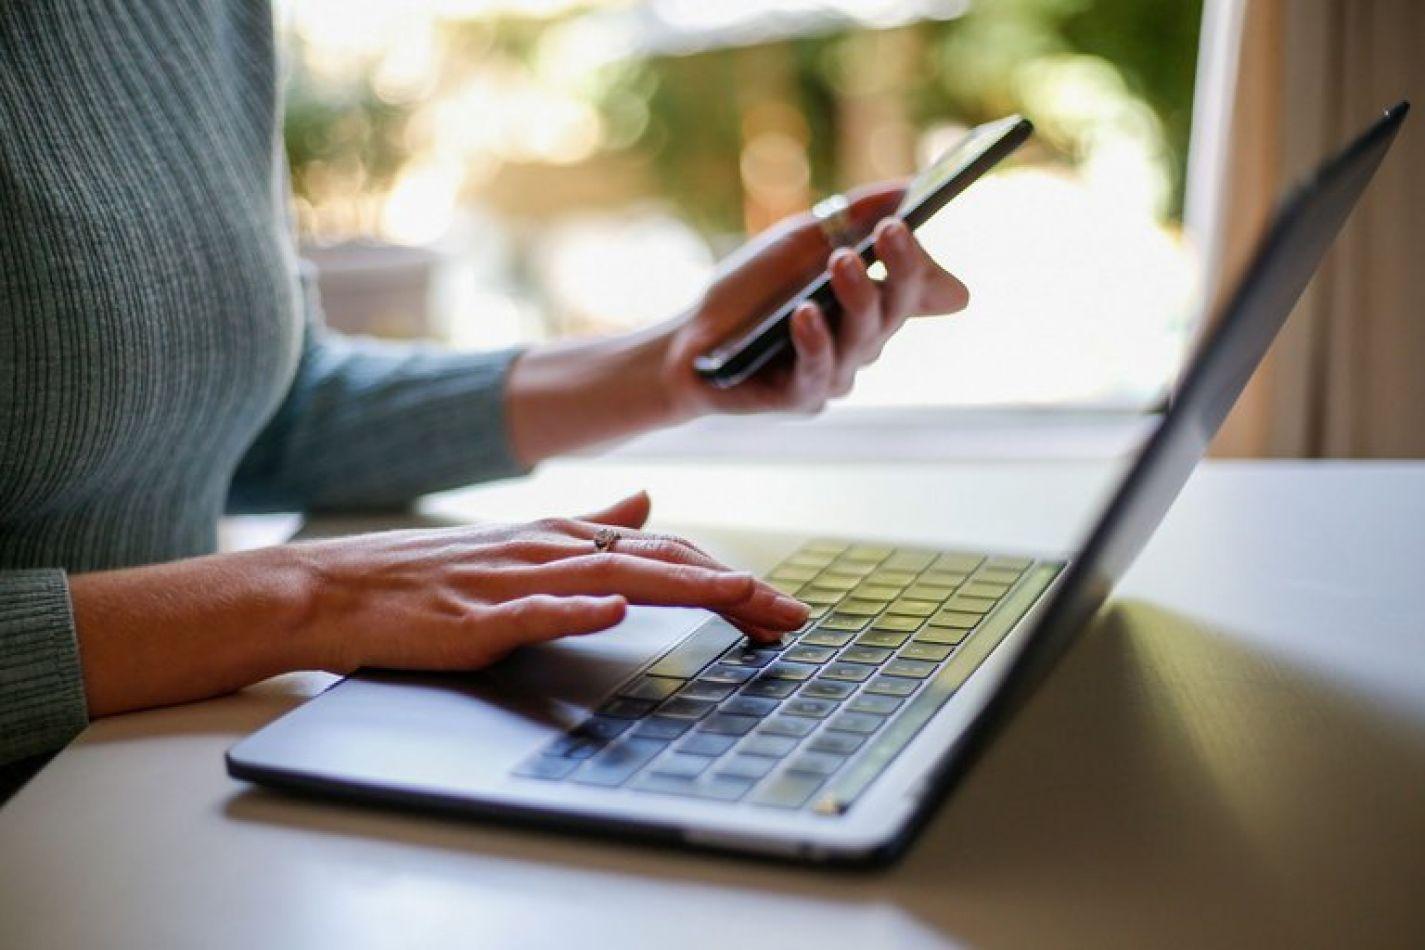 Tarifas de servicios de internet: el Gobierno autorizó un aumento en febrero para algunas empresas